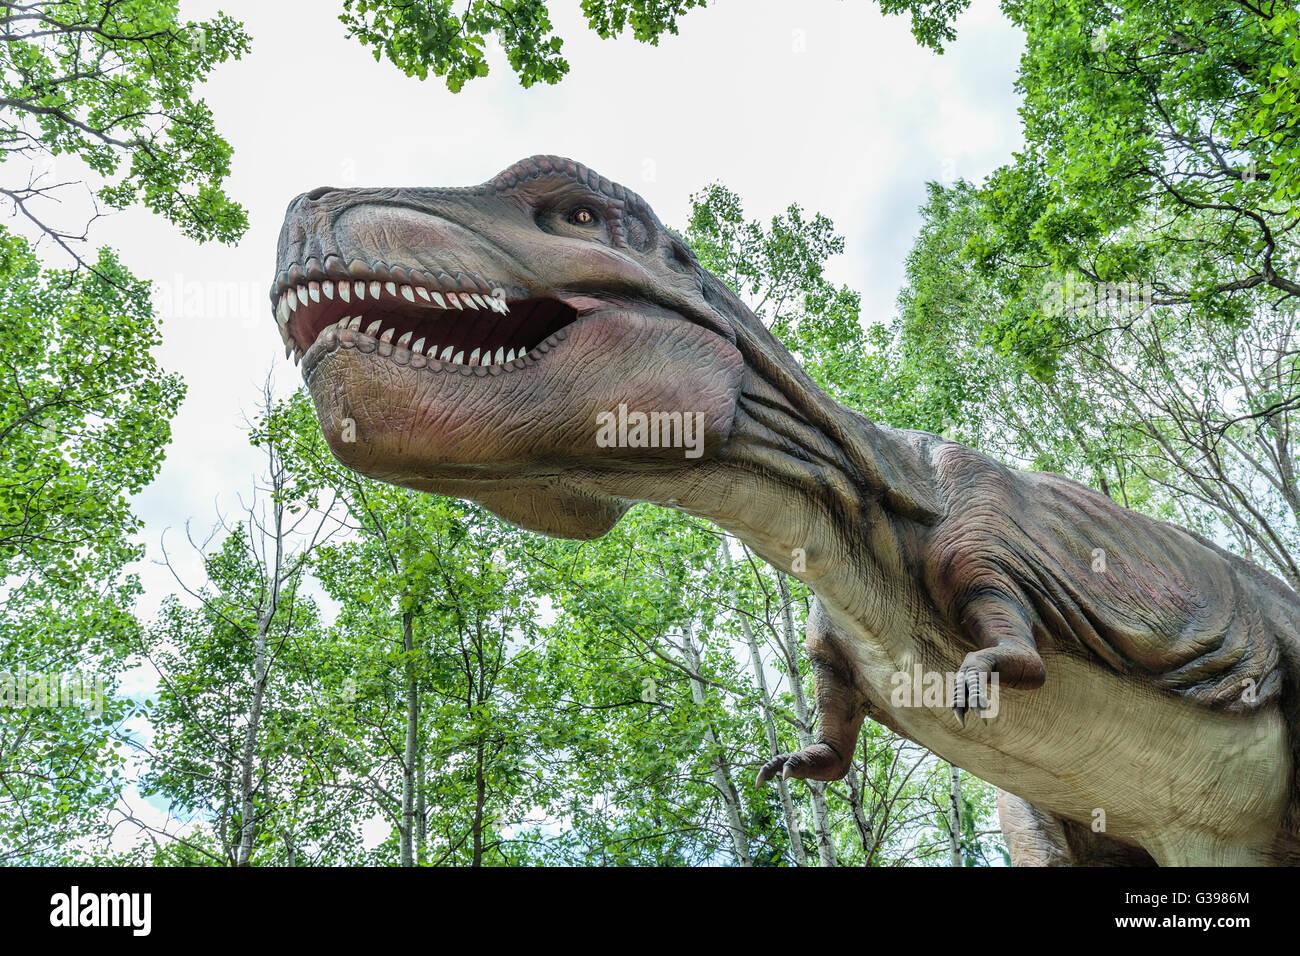 Dinosaurios Vivos Fotos E Imagenes De Stock Alamy Los dinosaurios reinaron durante más de 160 millones de años, pero su dinastía terminó en forma creo que los dinosaurios podrían seguir vivos si el asteroide hubiera impactado en cualquier otro. https www alamy es foto tyrannosaurus rex a dinosaurios alive 105310204 html